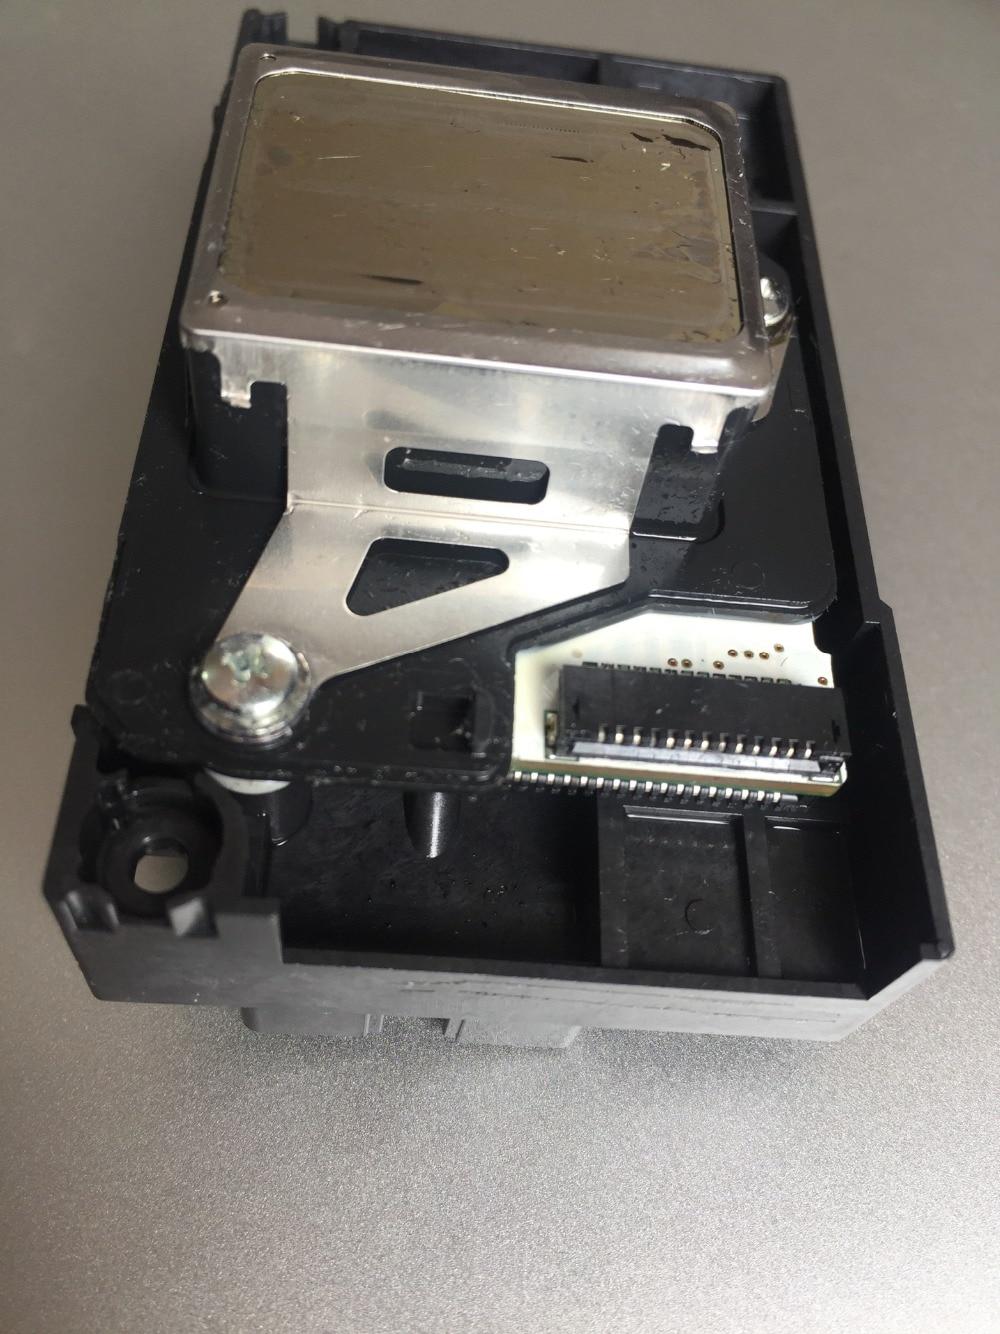 F180000 Refurbished Printhead for Epson R280 R285 R290 R295 RX610 RX690 PX650 PX660 P50 P60 T50 T60 A50 T59 TX650 L800 L801 waste ink tank pad sponge for epson r280 r290 t50 t60 a50 l800 l801 r330 r390 p50 p60 rx600 rx610 rx690 px650 r285 r295 rx615